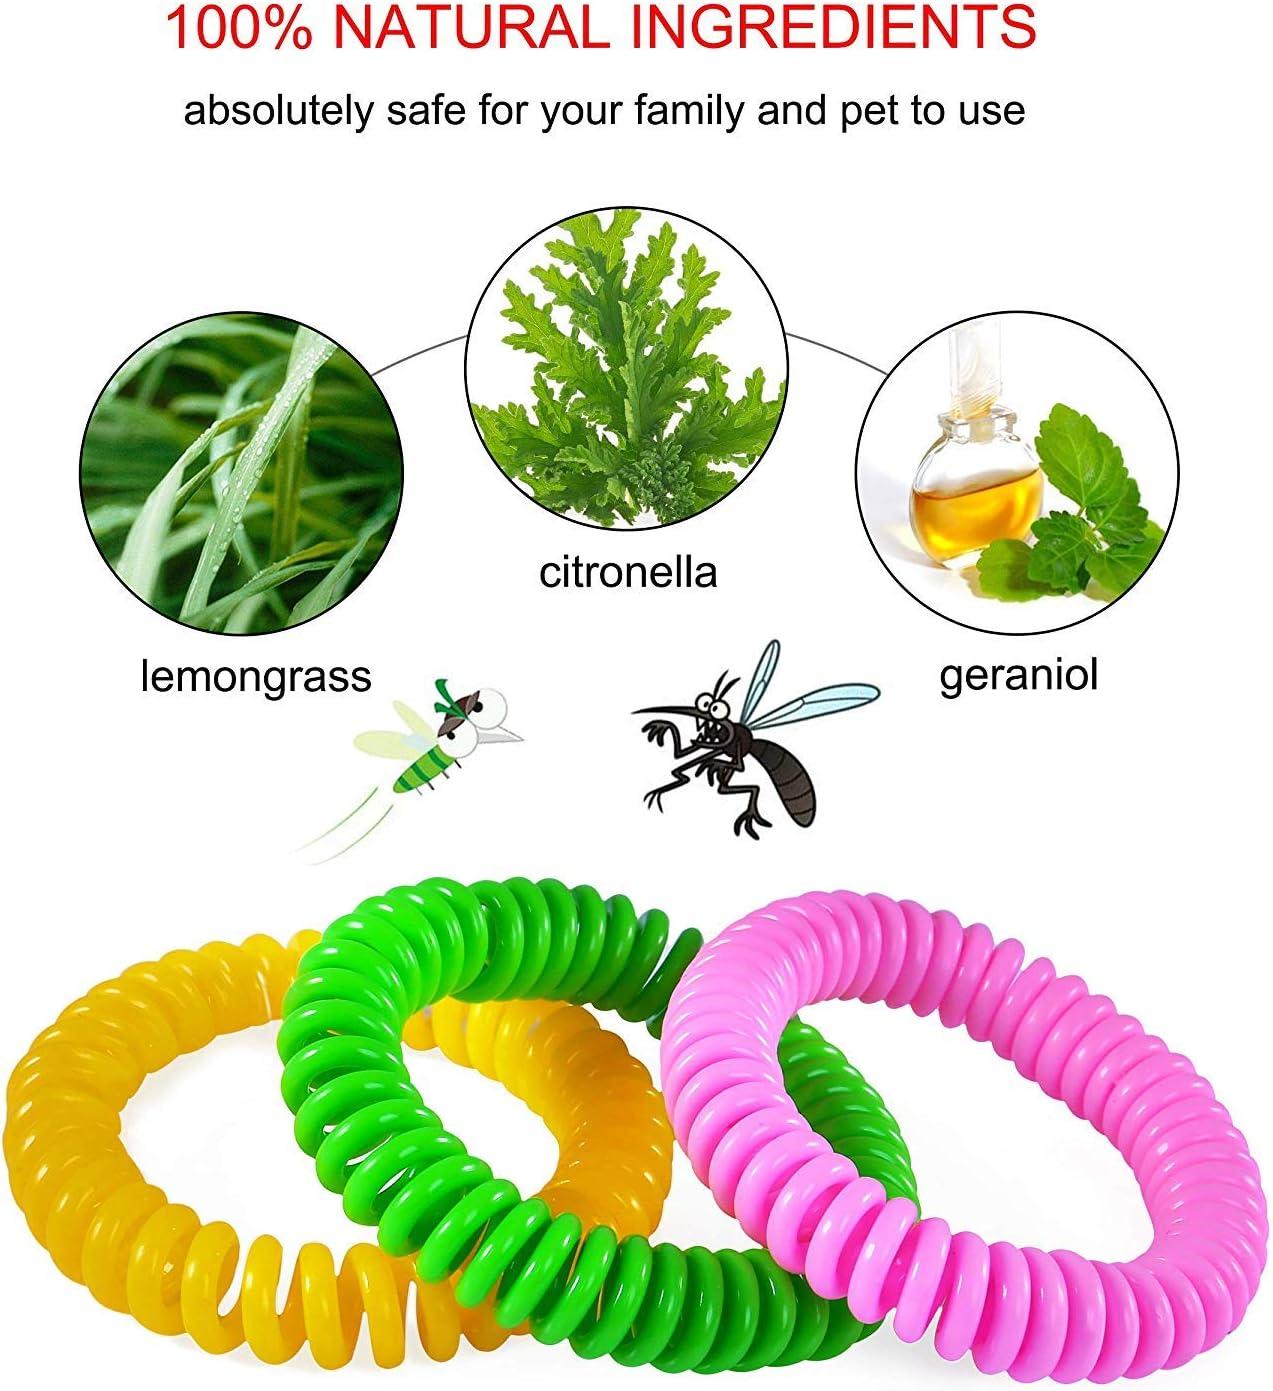 Pulsera Mosquitos Antimosquitos Natural No T/óxica de Protecci/ón contra los Insectos a Largo Plazo para Ni/ños y Adultos Pulseras Repelentes de Mosquitos 15 Piezas,30 Parche repelente de mosquitos